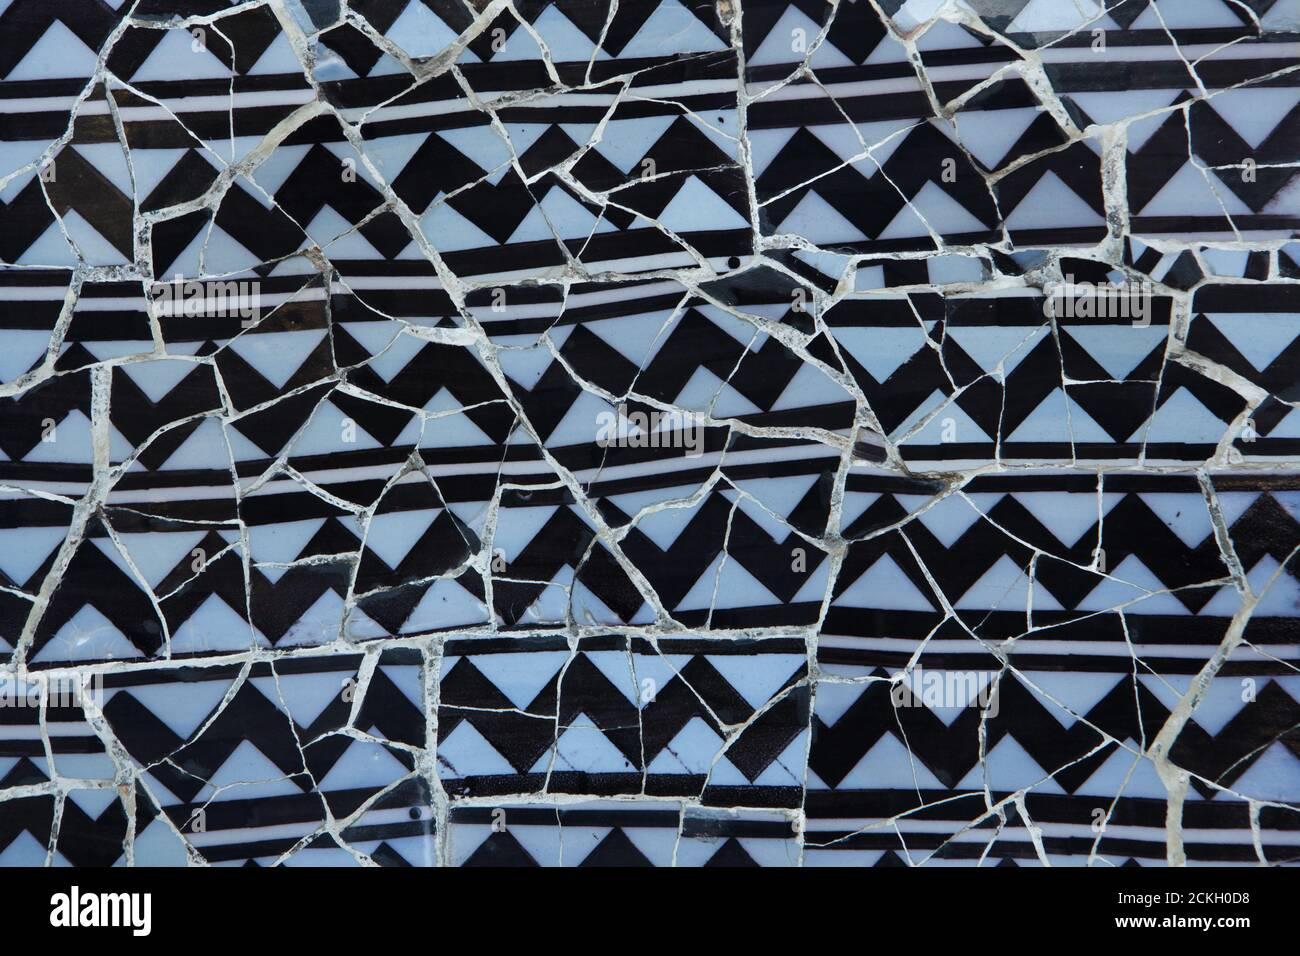 Mur en mosaïque de Trencadís sur l'escalier principal du parc Güell conçu par l'architecte moderniste catalan Antoni Gaudí et construit entre 1900 et 1914 à Barcelone, Catalogne, Espagne. Banque D'Images